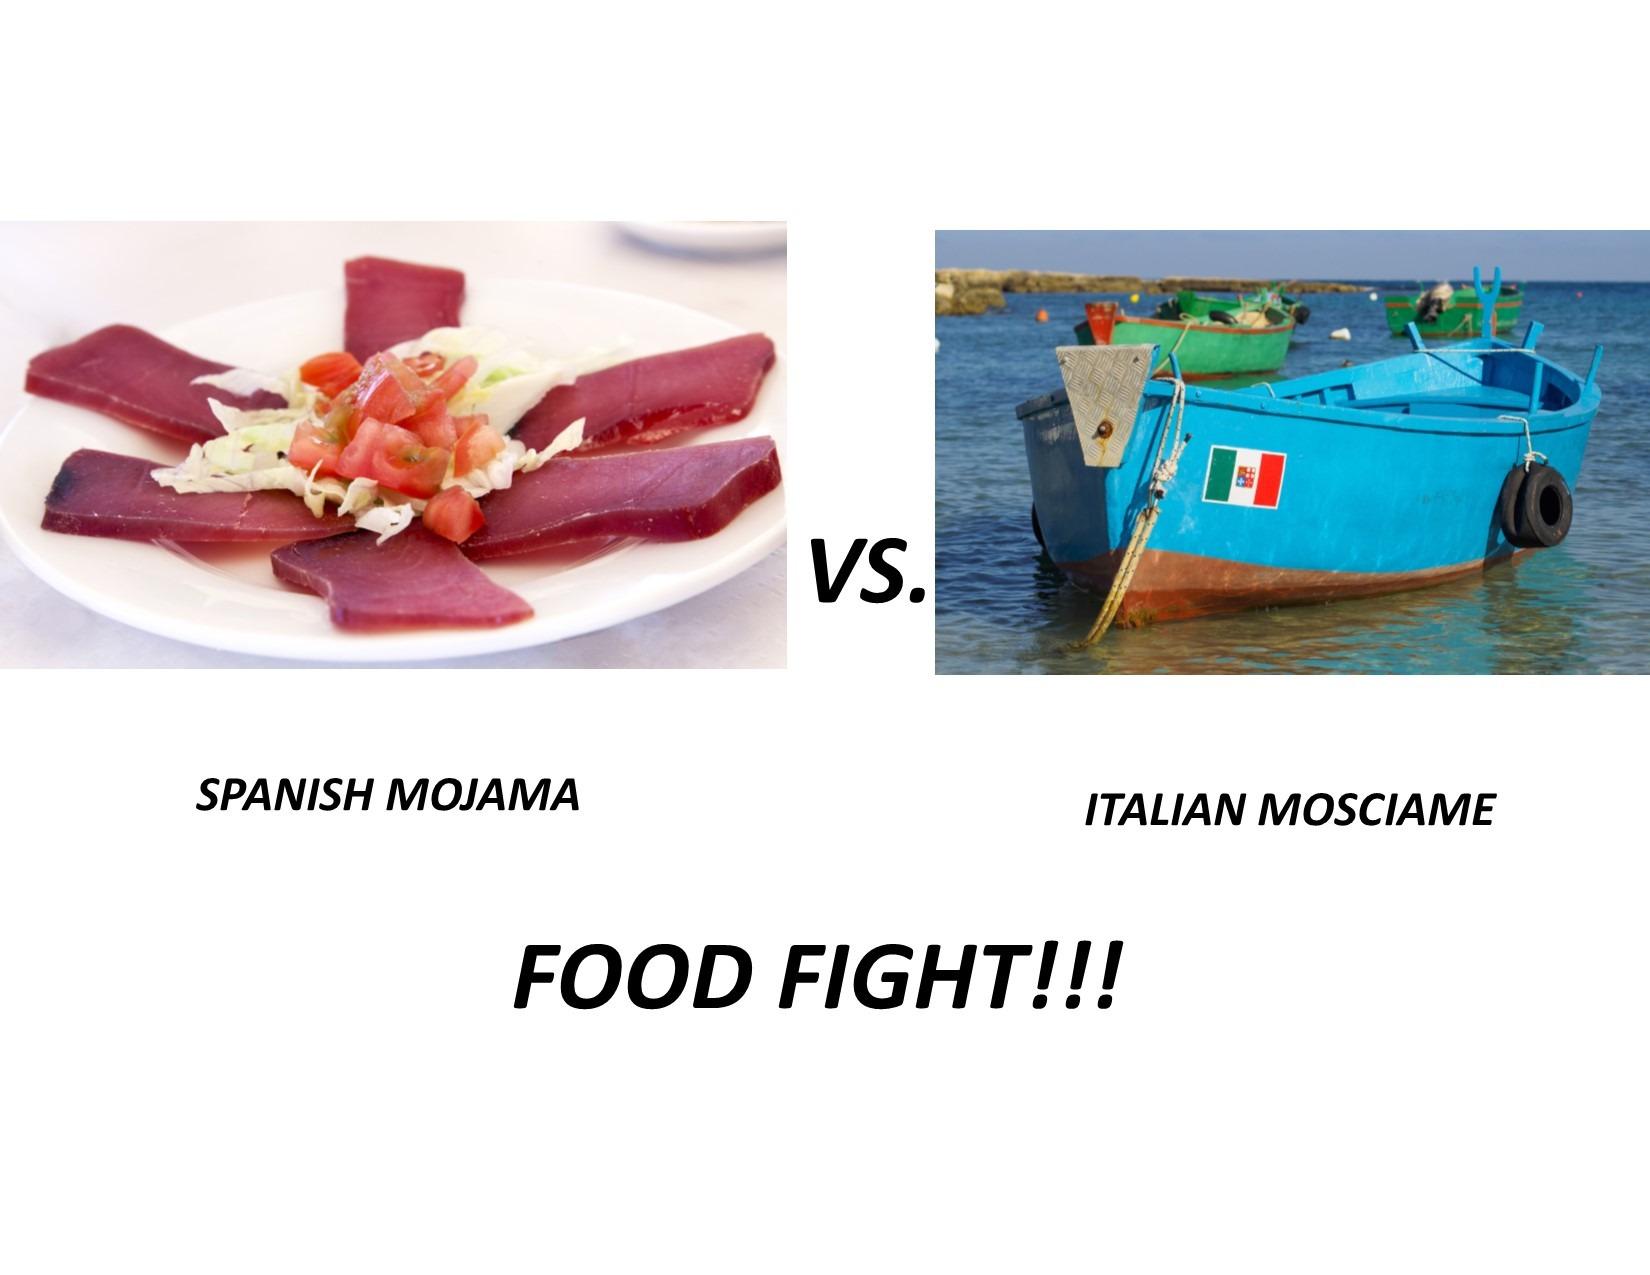 Mojama vs Mosciame